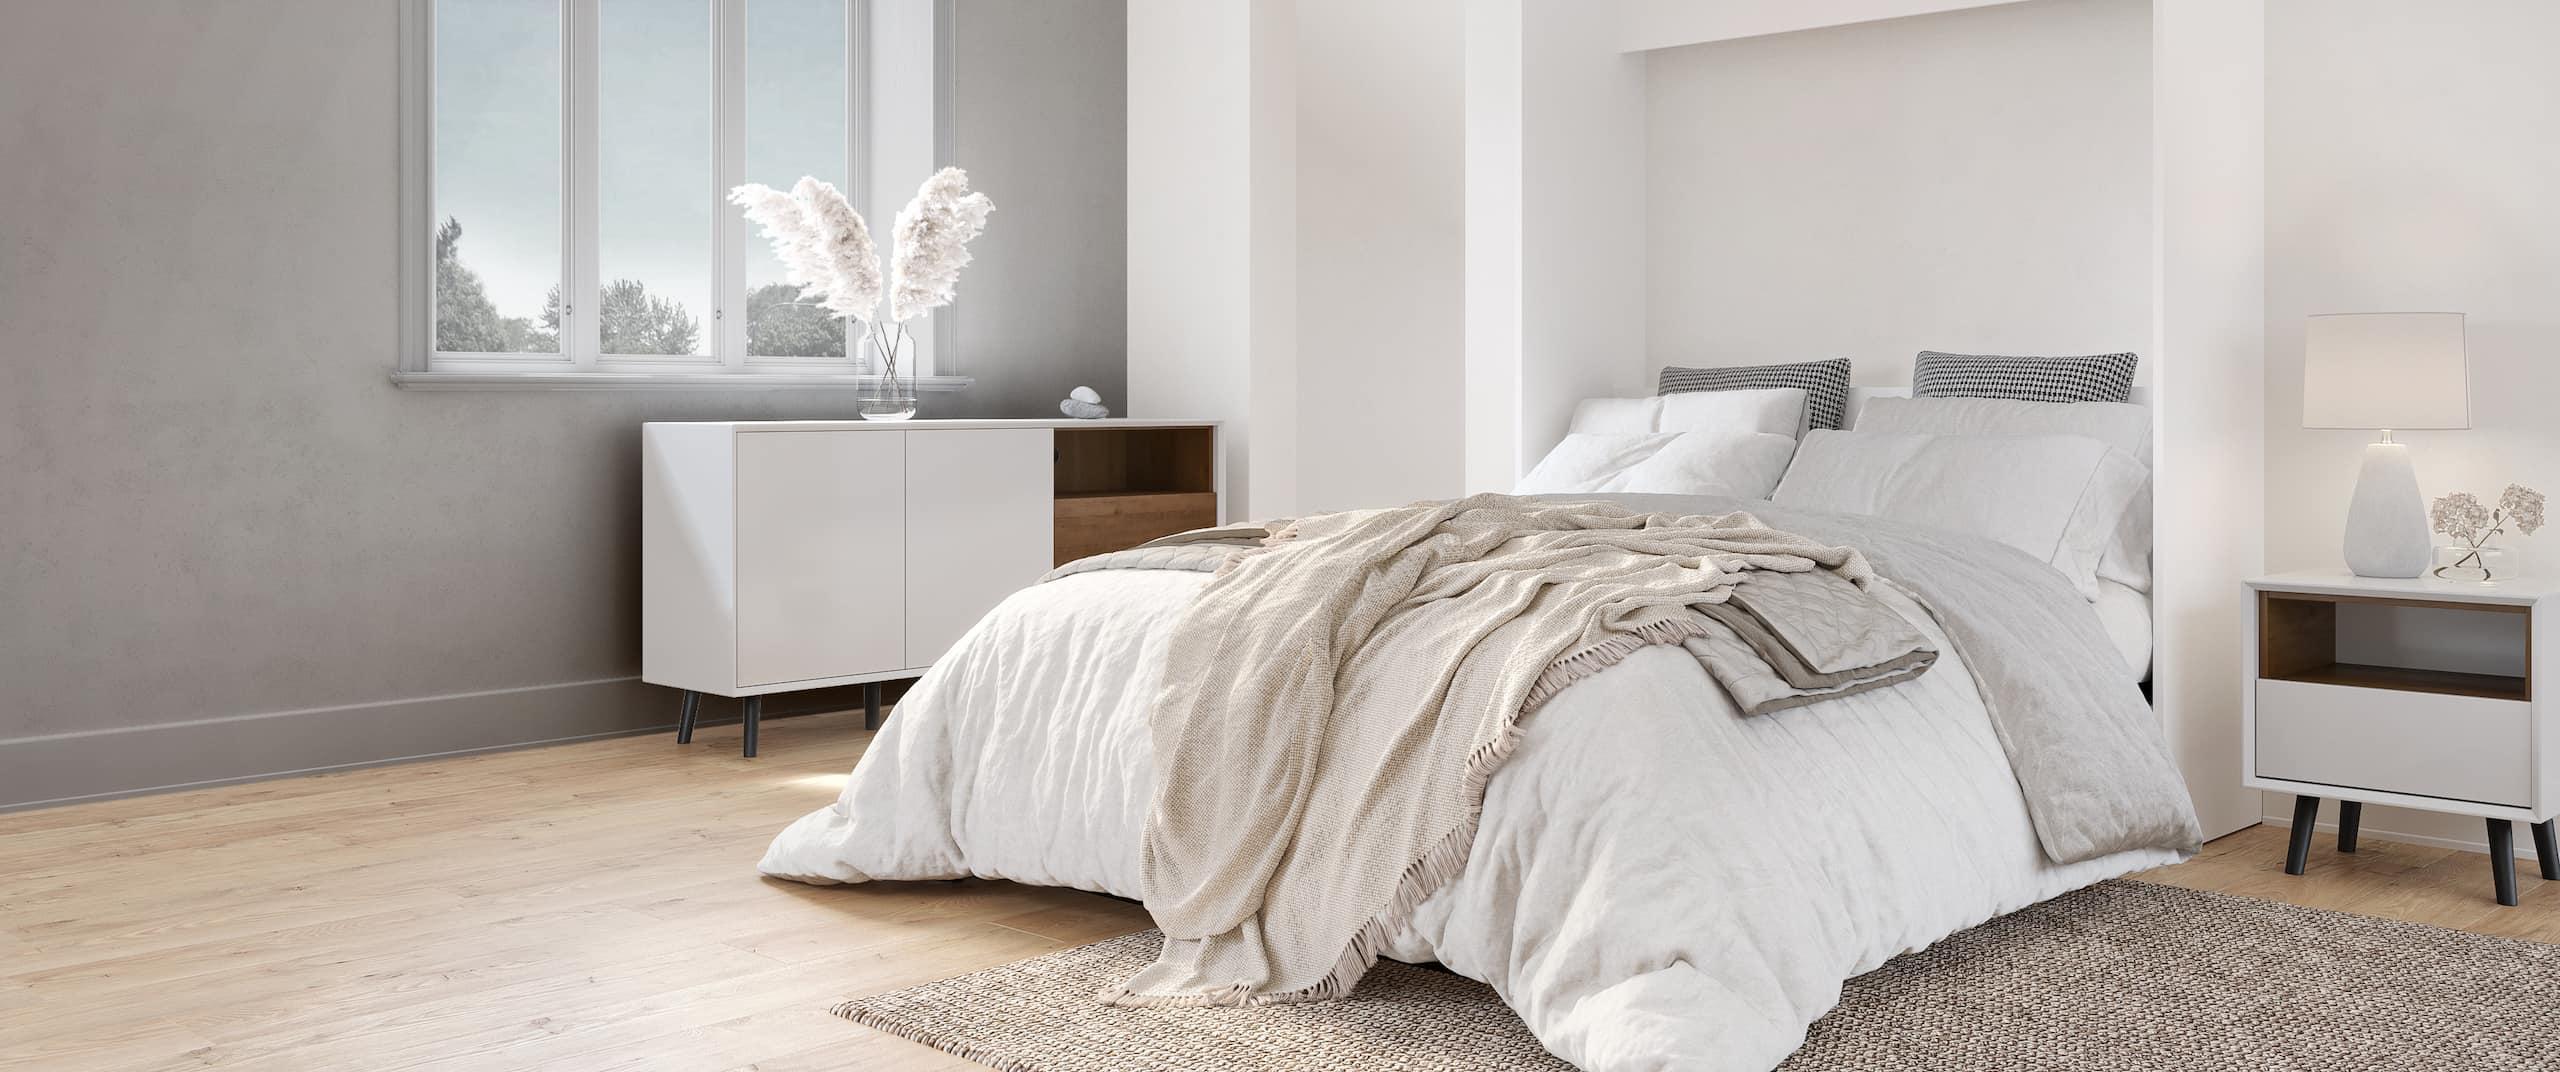 59W Full Murphy Bed